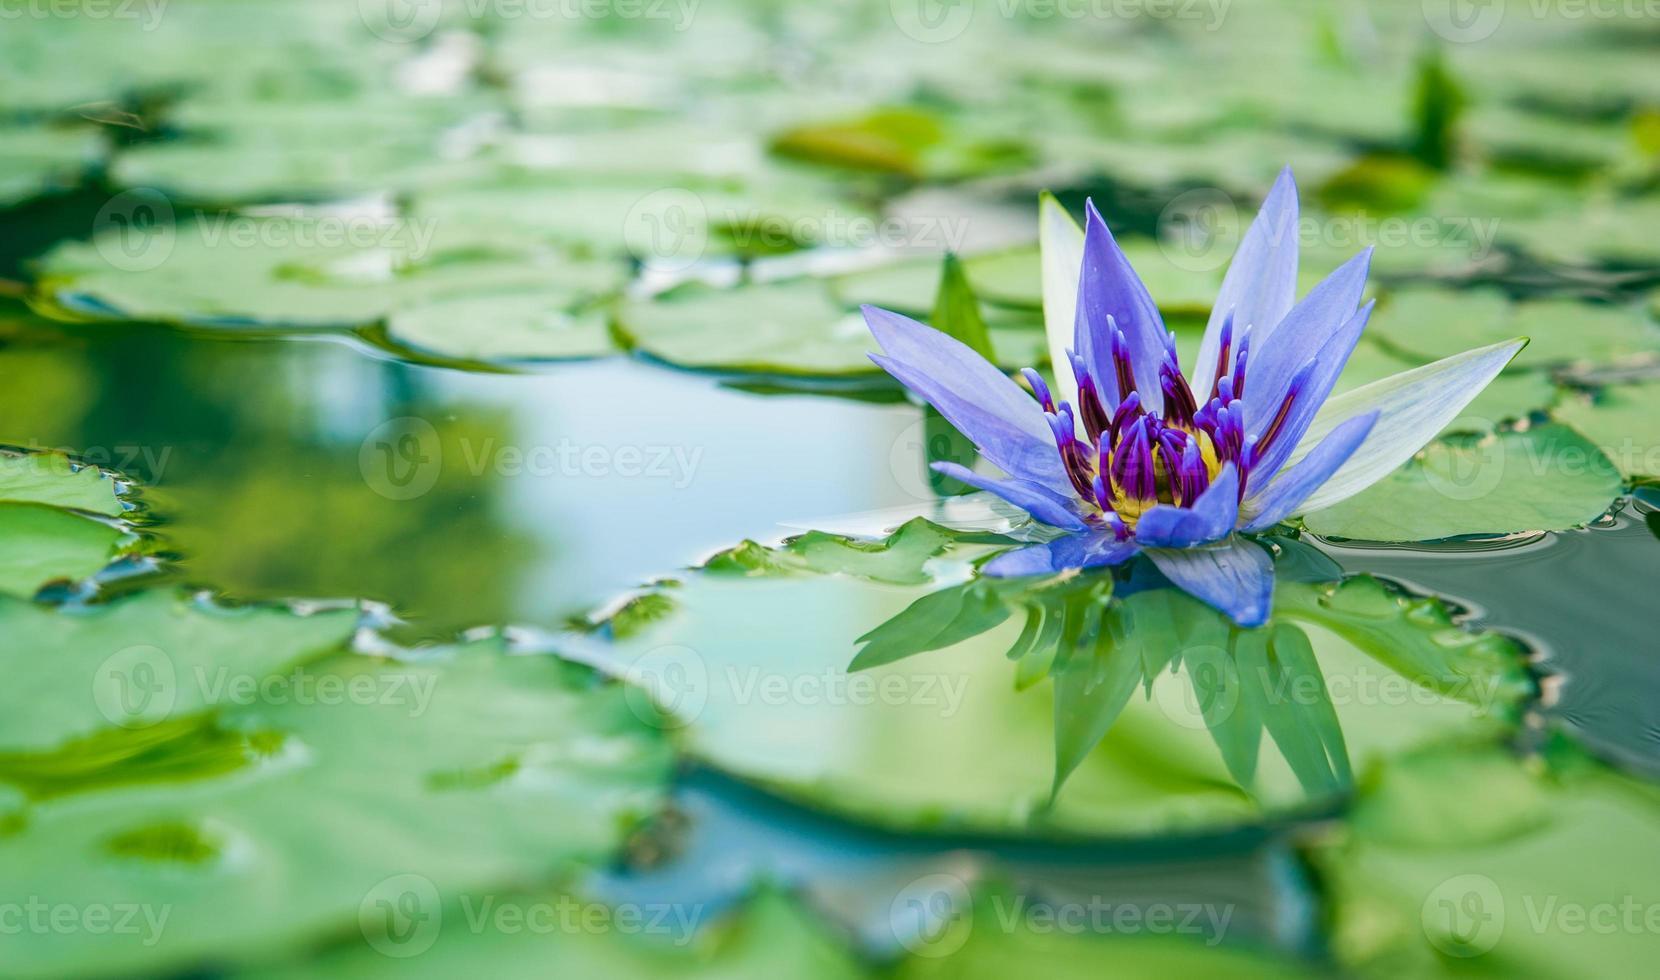 prachtige paarse lotus, waterplant met reflectie in een vijver foto